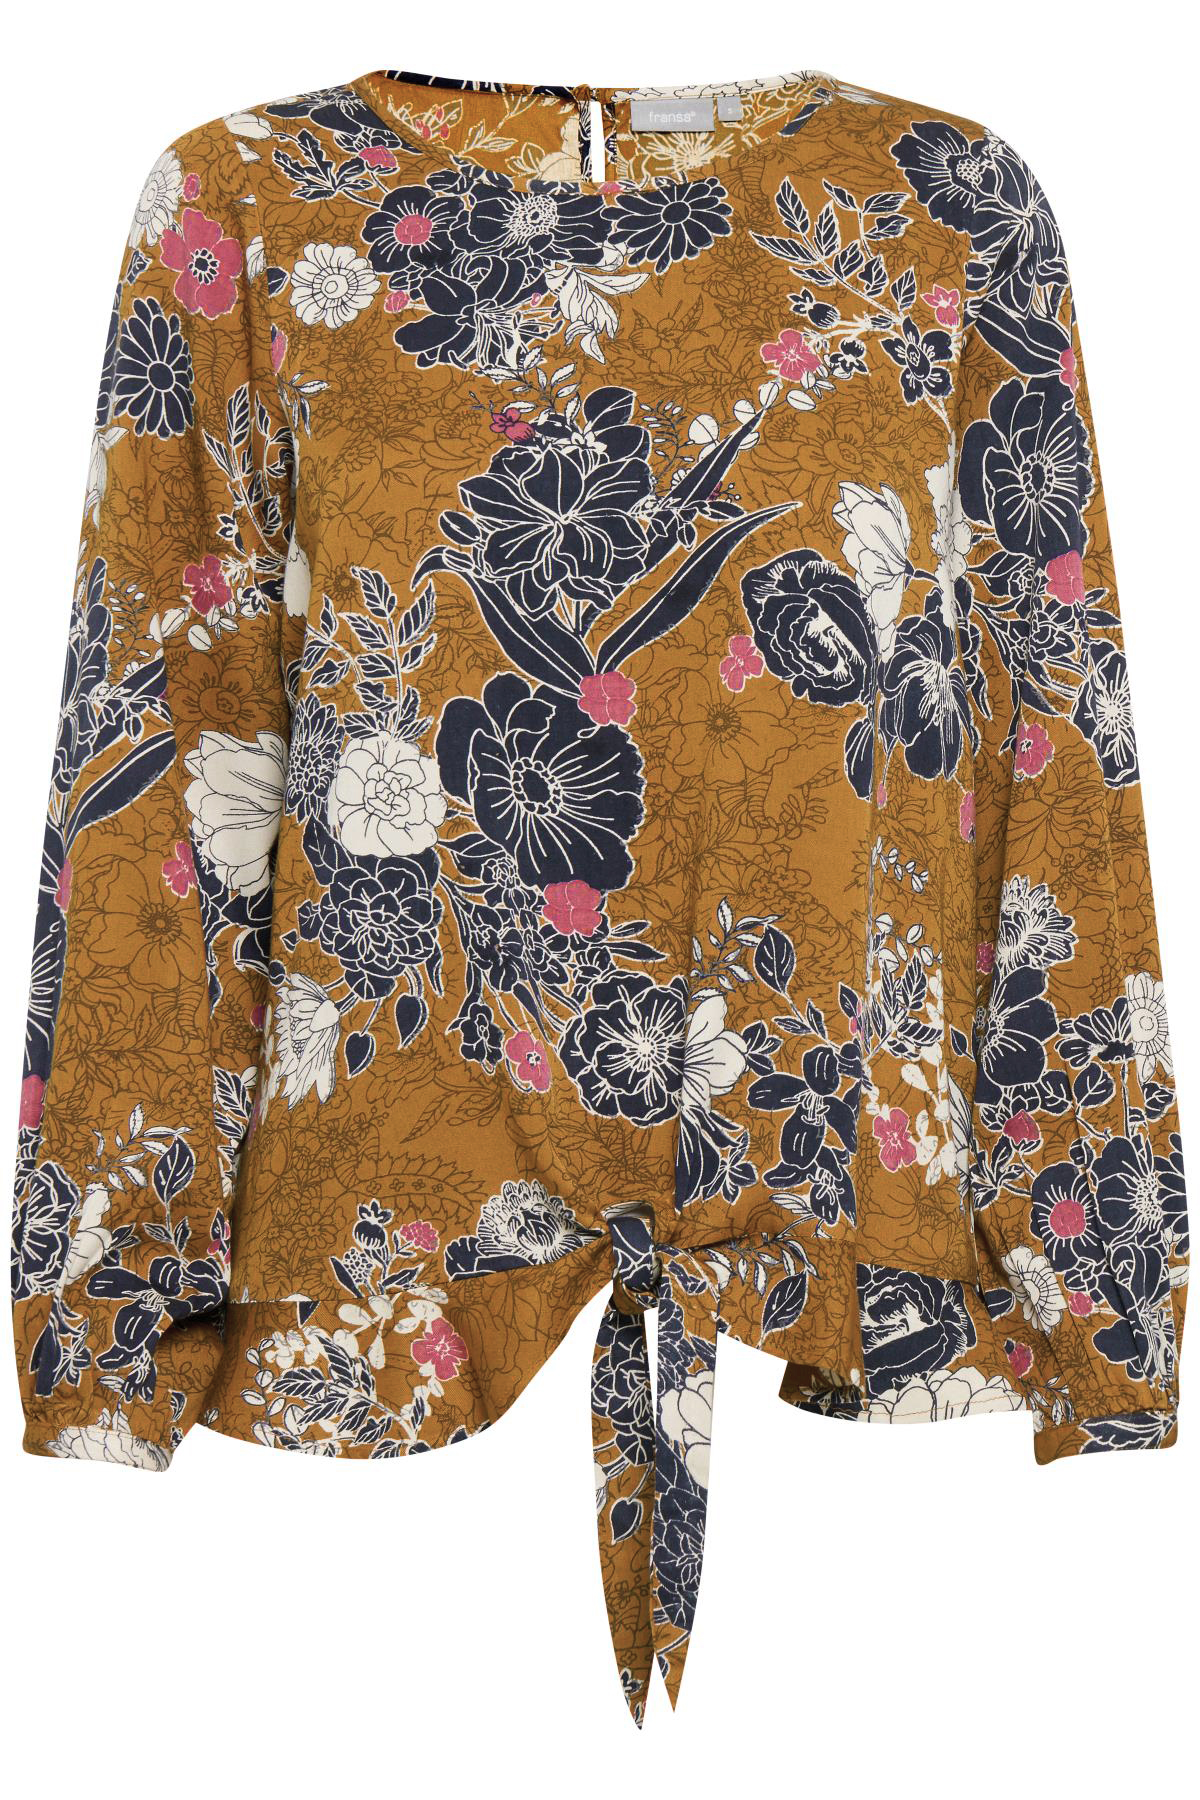 Fransa Dame Blouse met split in de nek, die dichtgaat met een kleine knoop. De blouse van FRANSA heeft een band en ruches aan de onderkant. All-over print. Geweven kwaliteit. Normale pasvorm. Combineer de blouse met een pantalon en pumps, zo kunt u direct